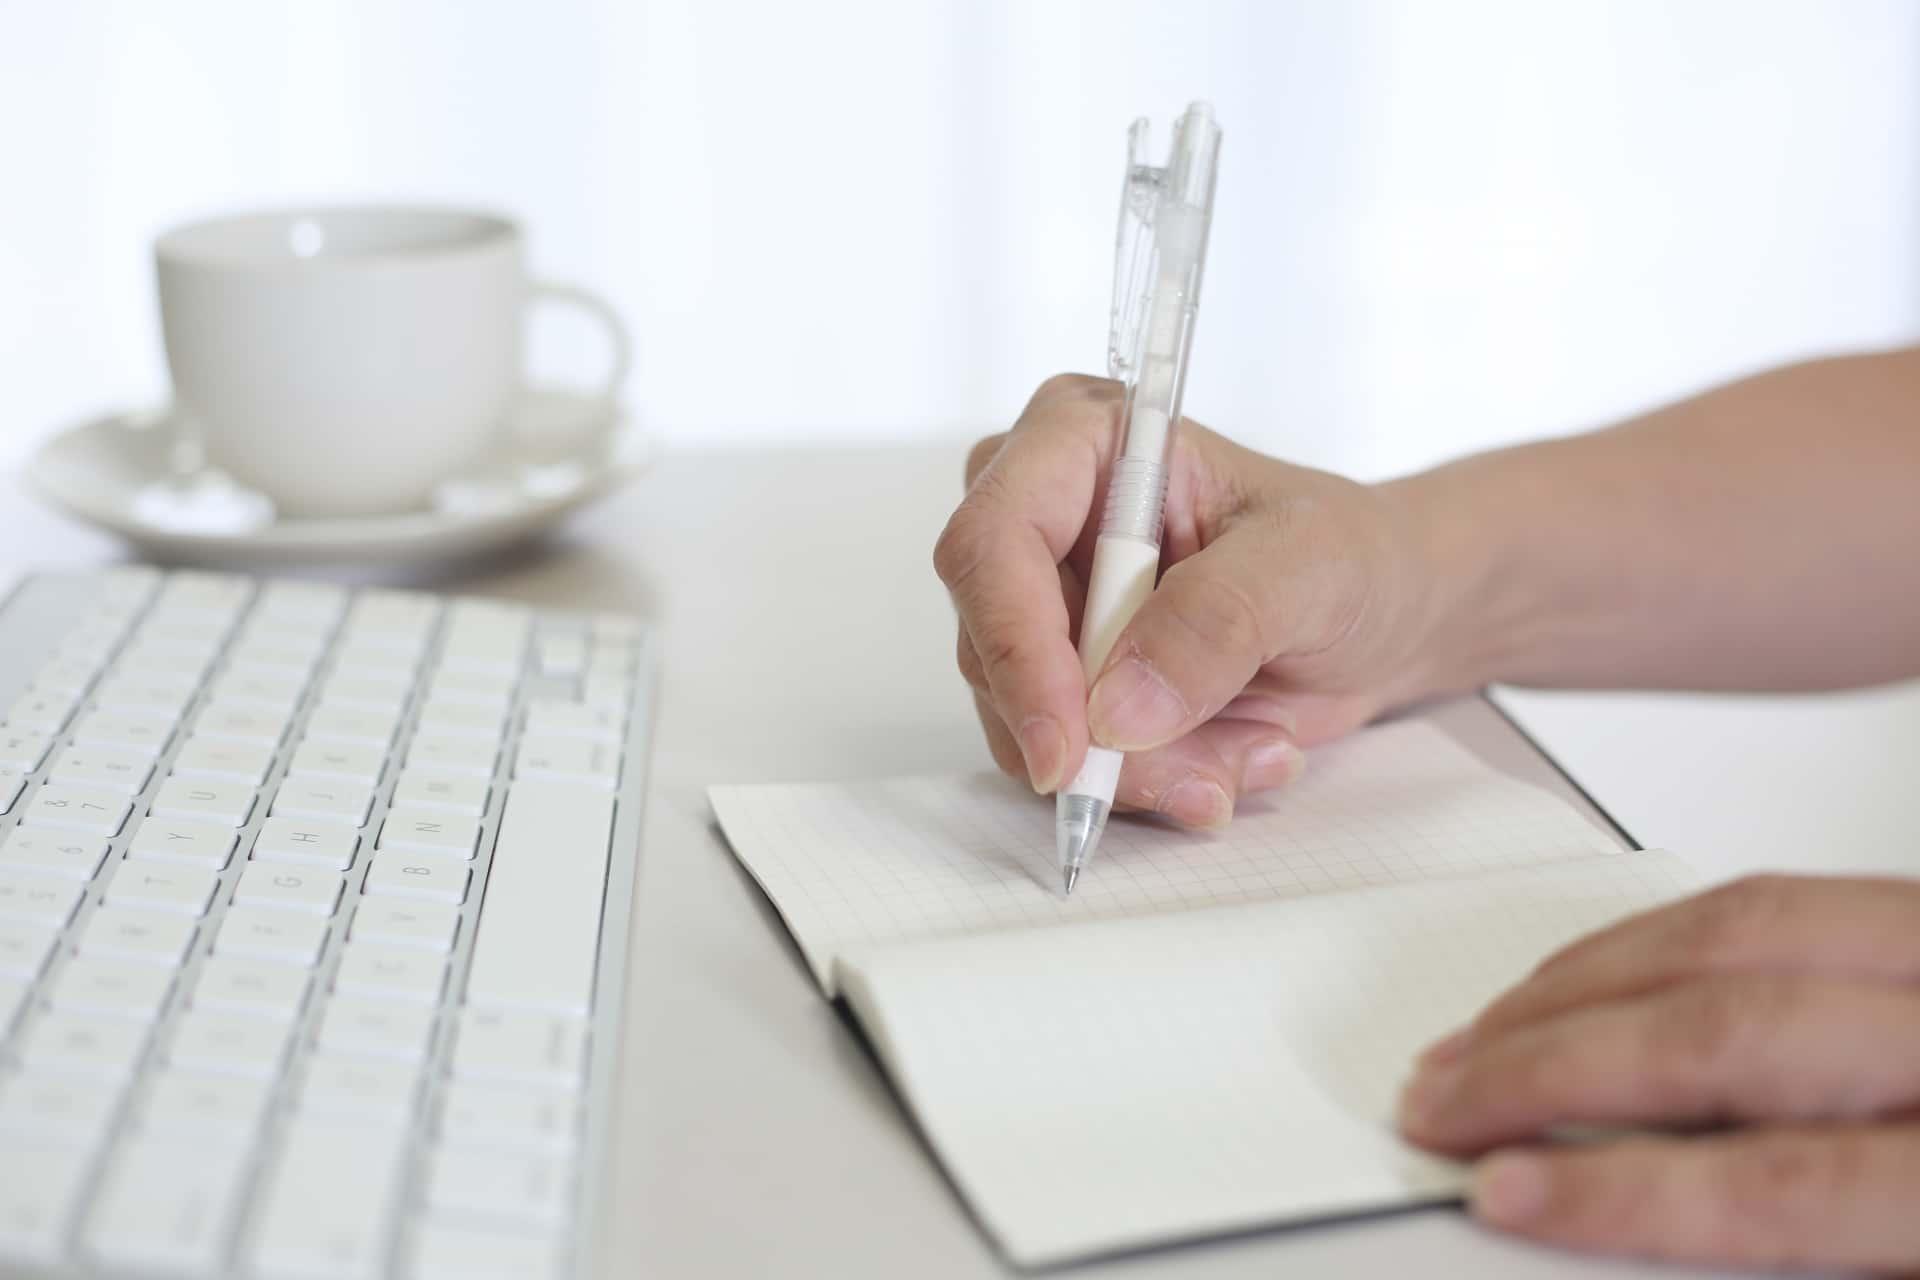 キーボード、ノート、ペン